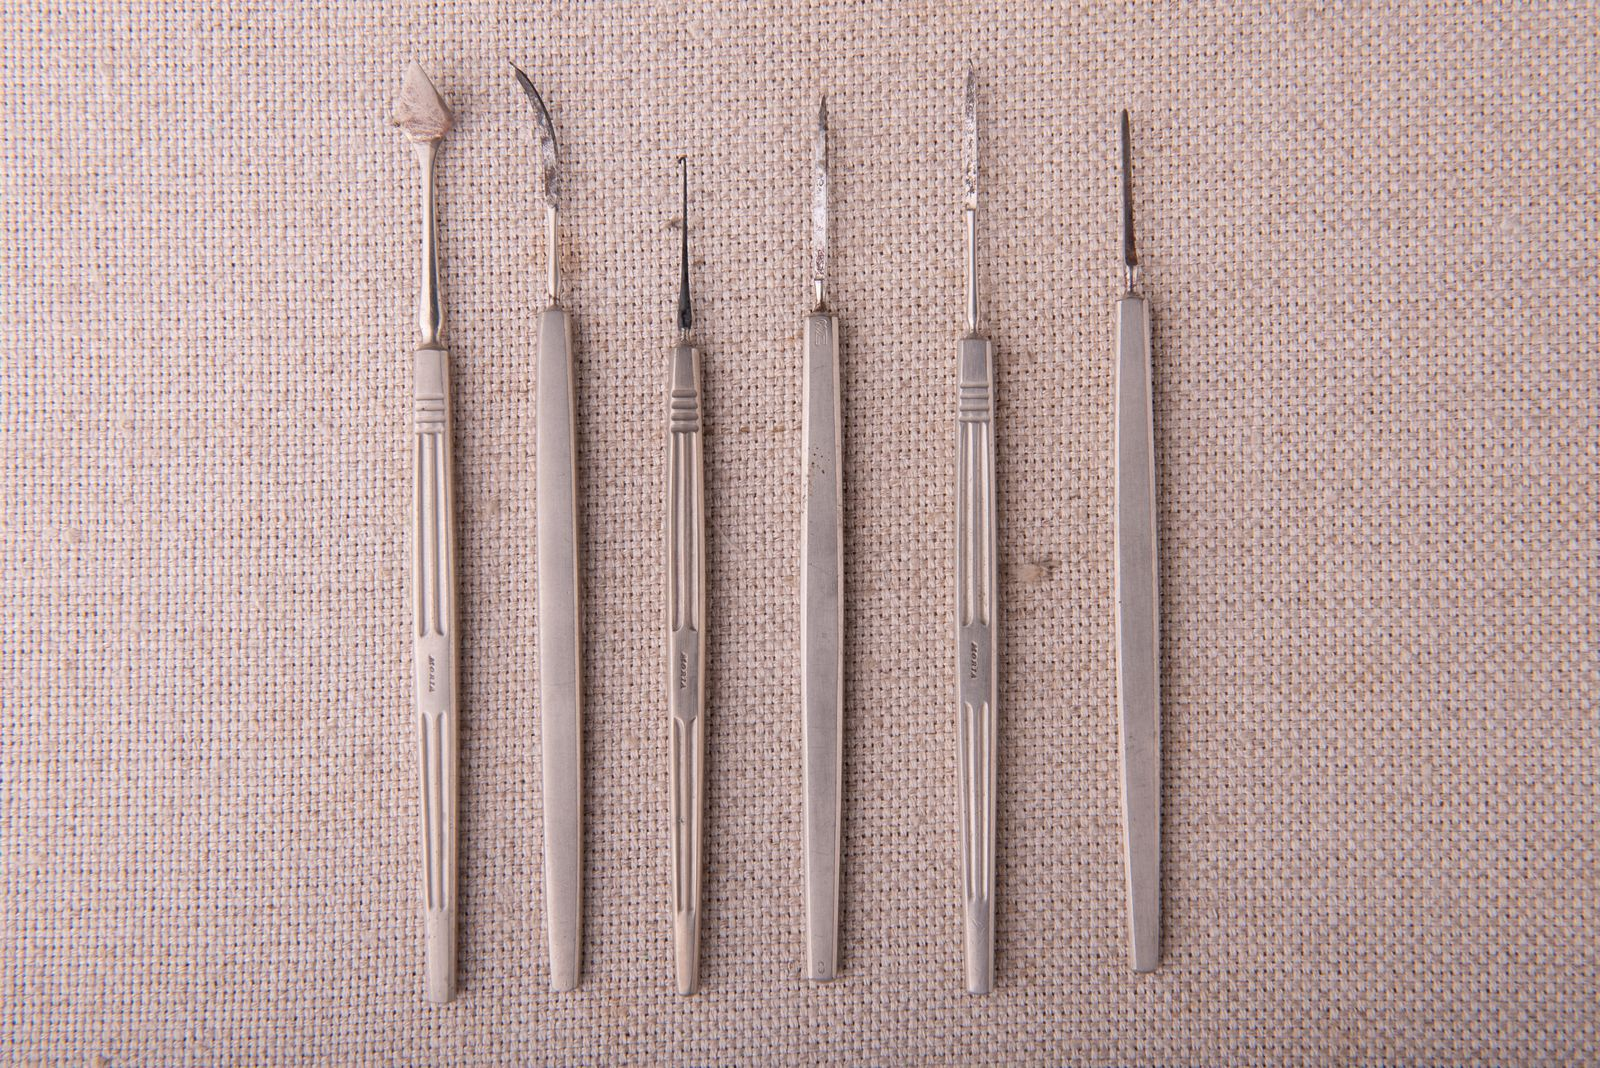 Muzei31_Офталмологичени скалпели и пика от средата на 20-ти век